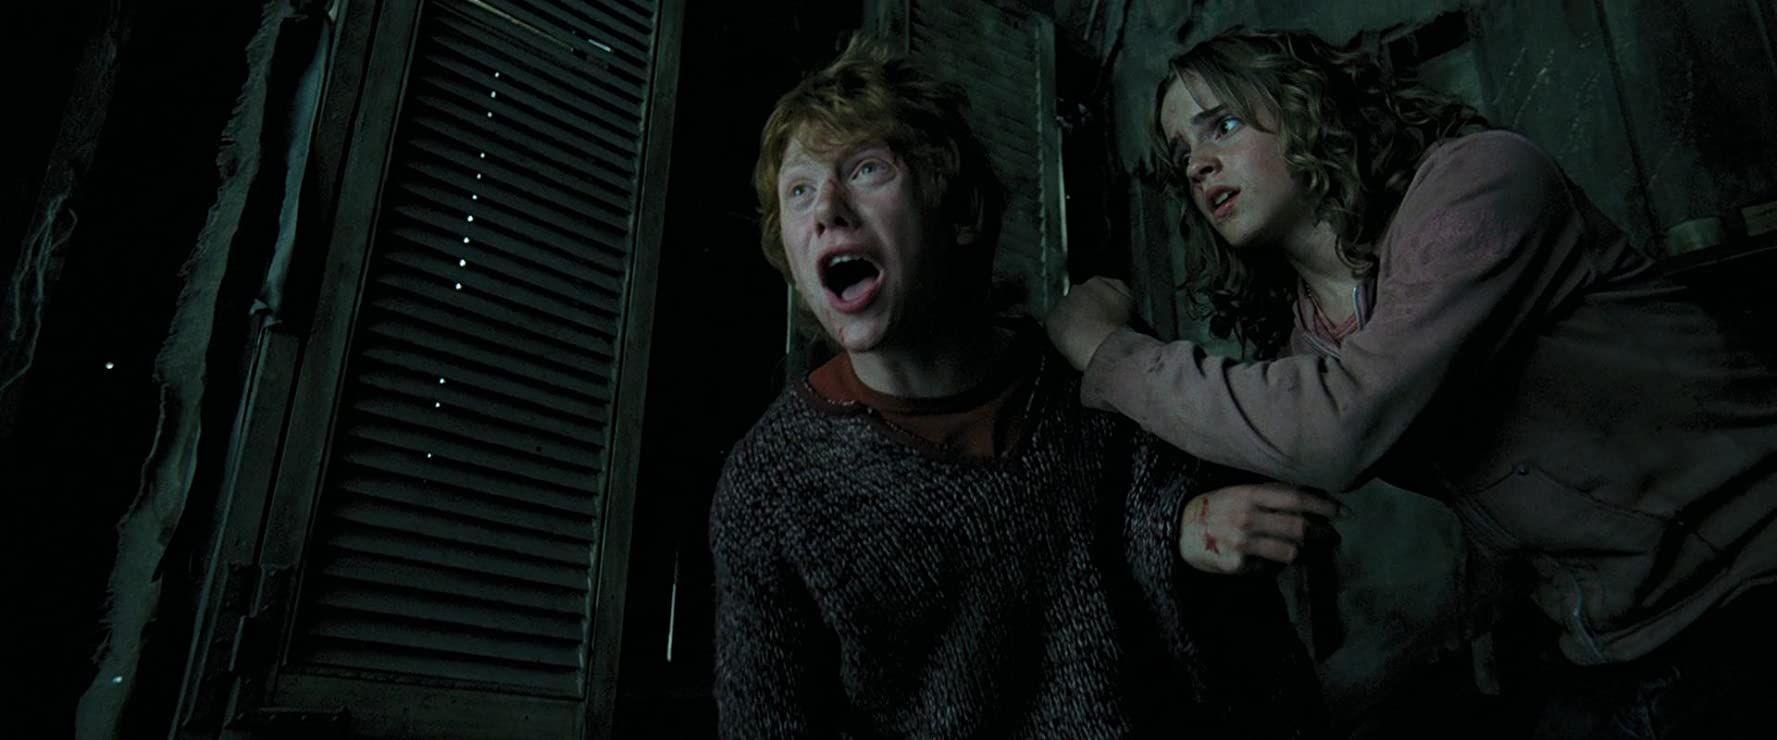 Harry Potter Und Der Gefangene Von Askaban 2004 In 2020 Prisoner Of Azkaban The Prisoner Of Azkaban Azkaban